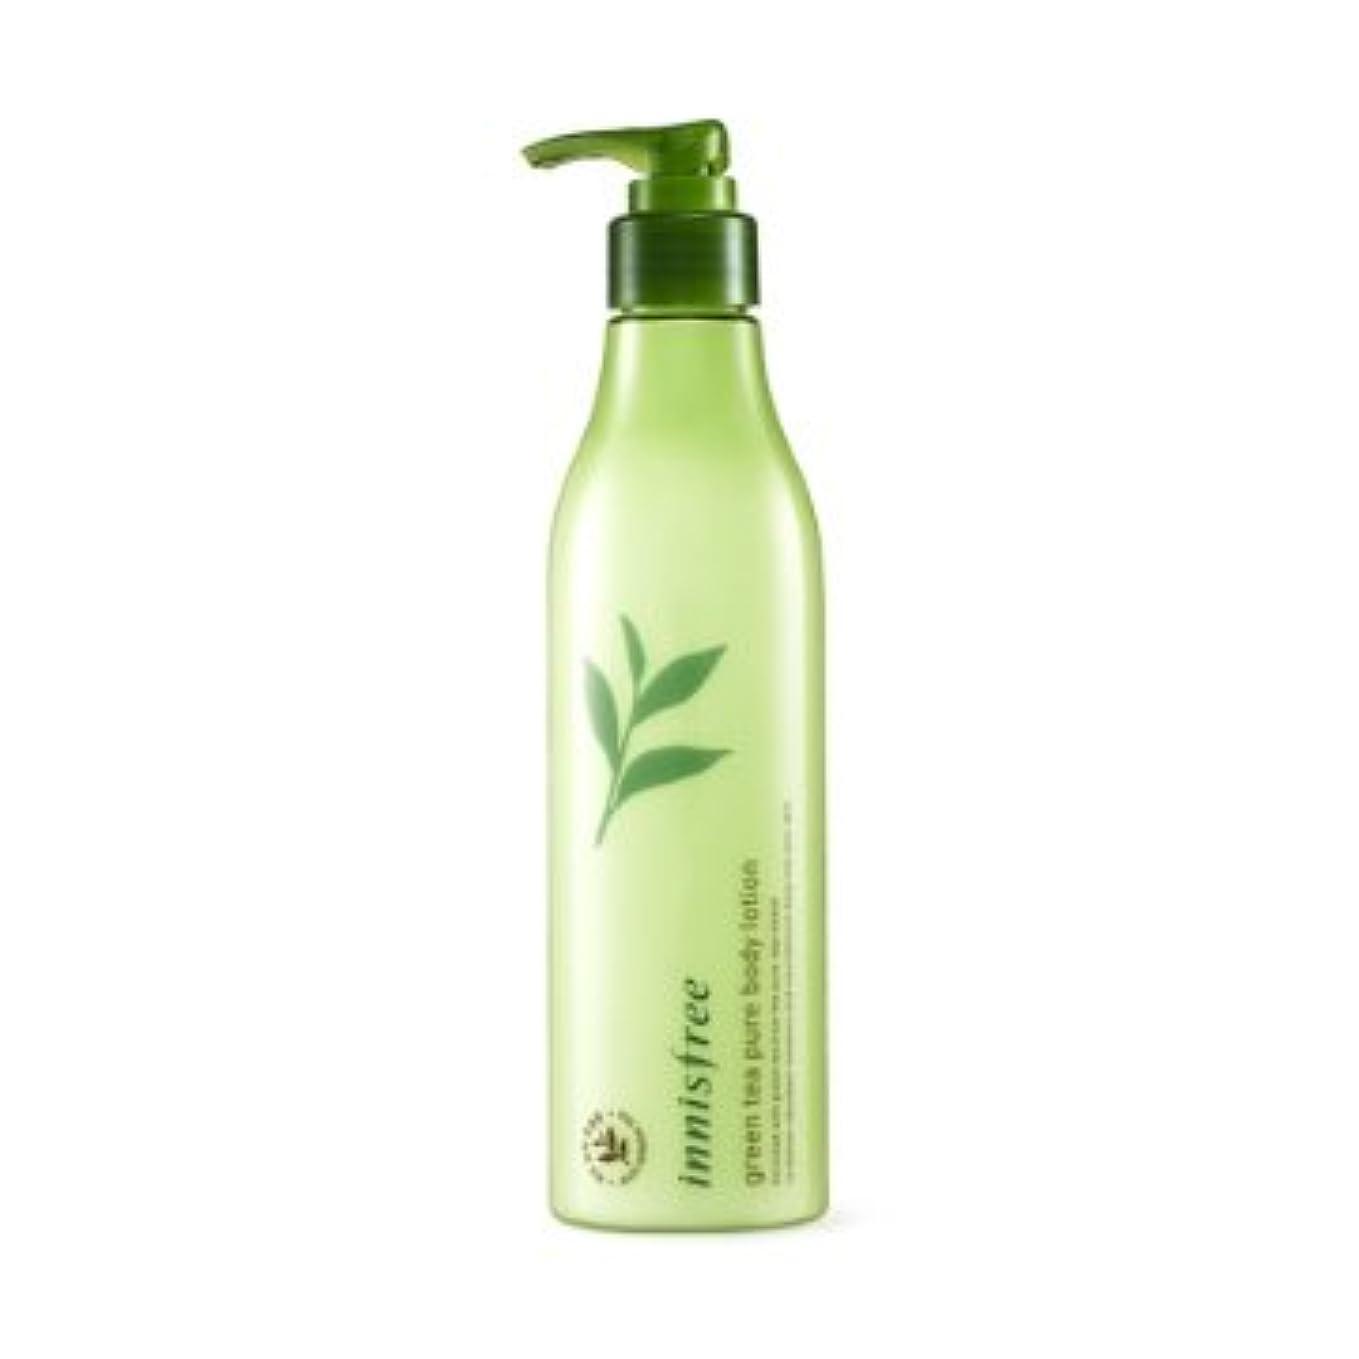 オフフェローシップ気取らない【イニスフリー】Innisfree green tea pure body lotion - 300ml (韓国直送品) (SHOPPINGINSTAGRAM)